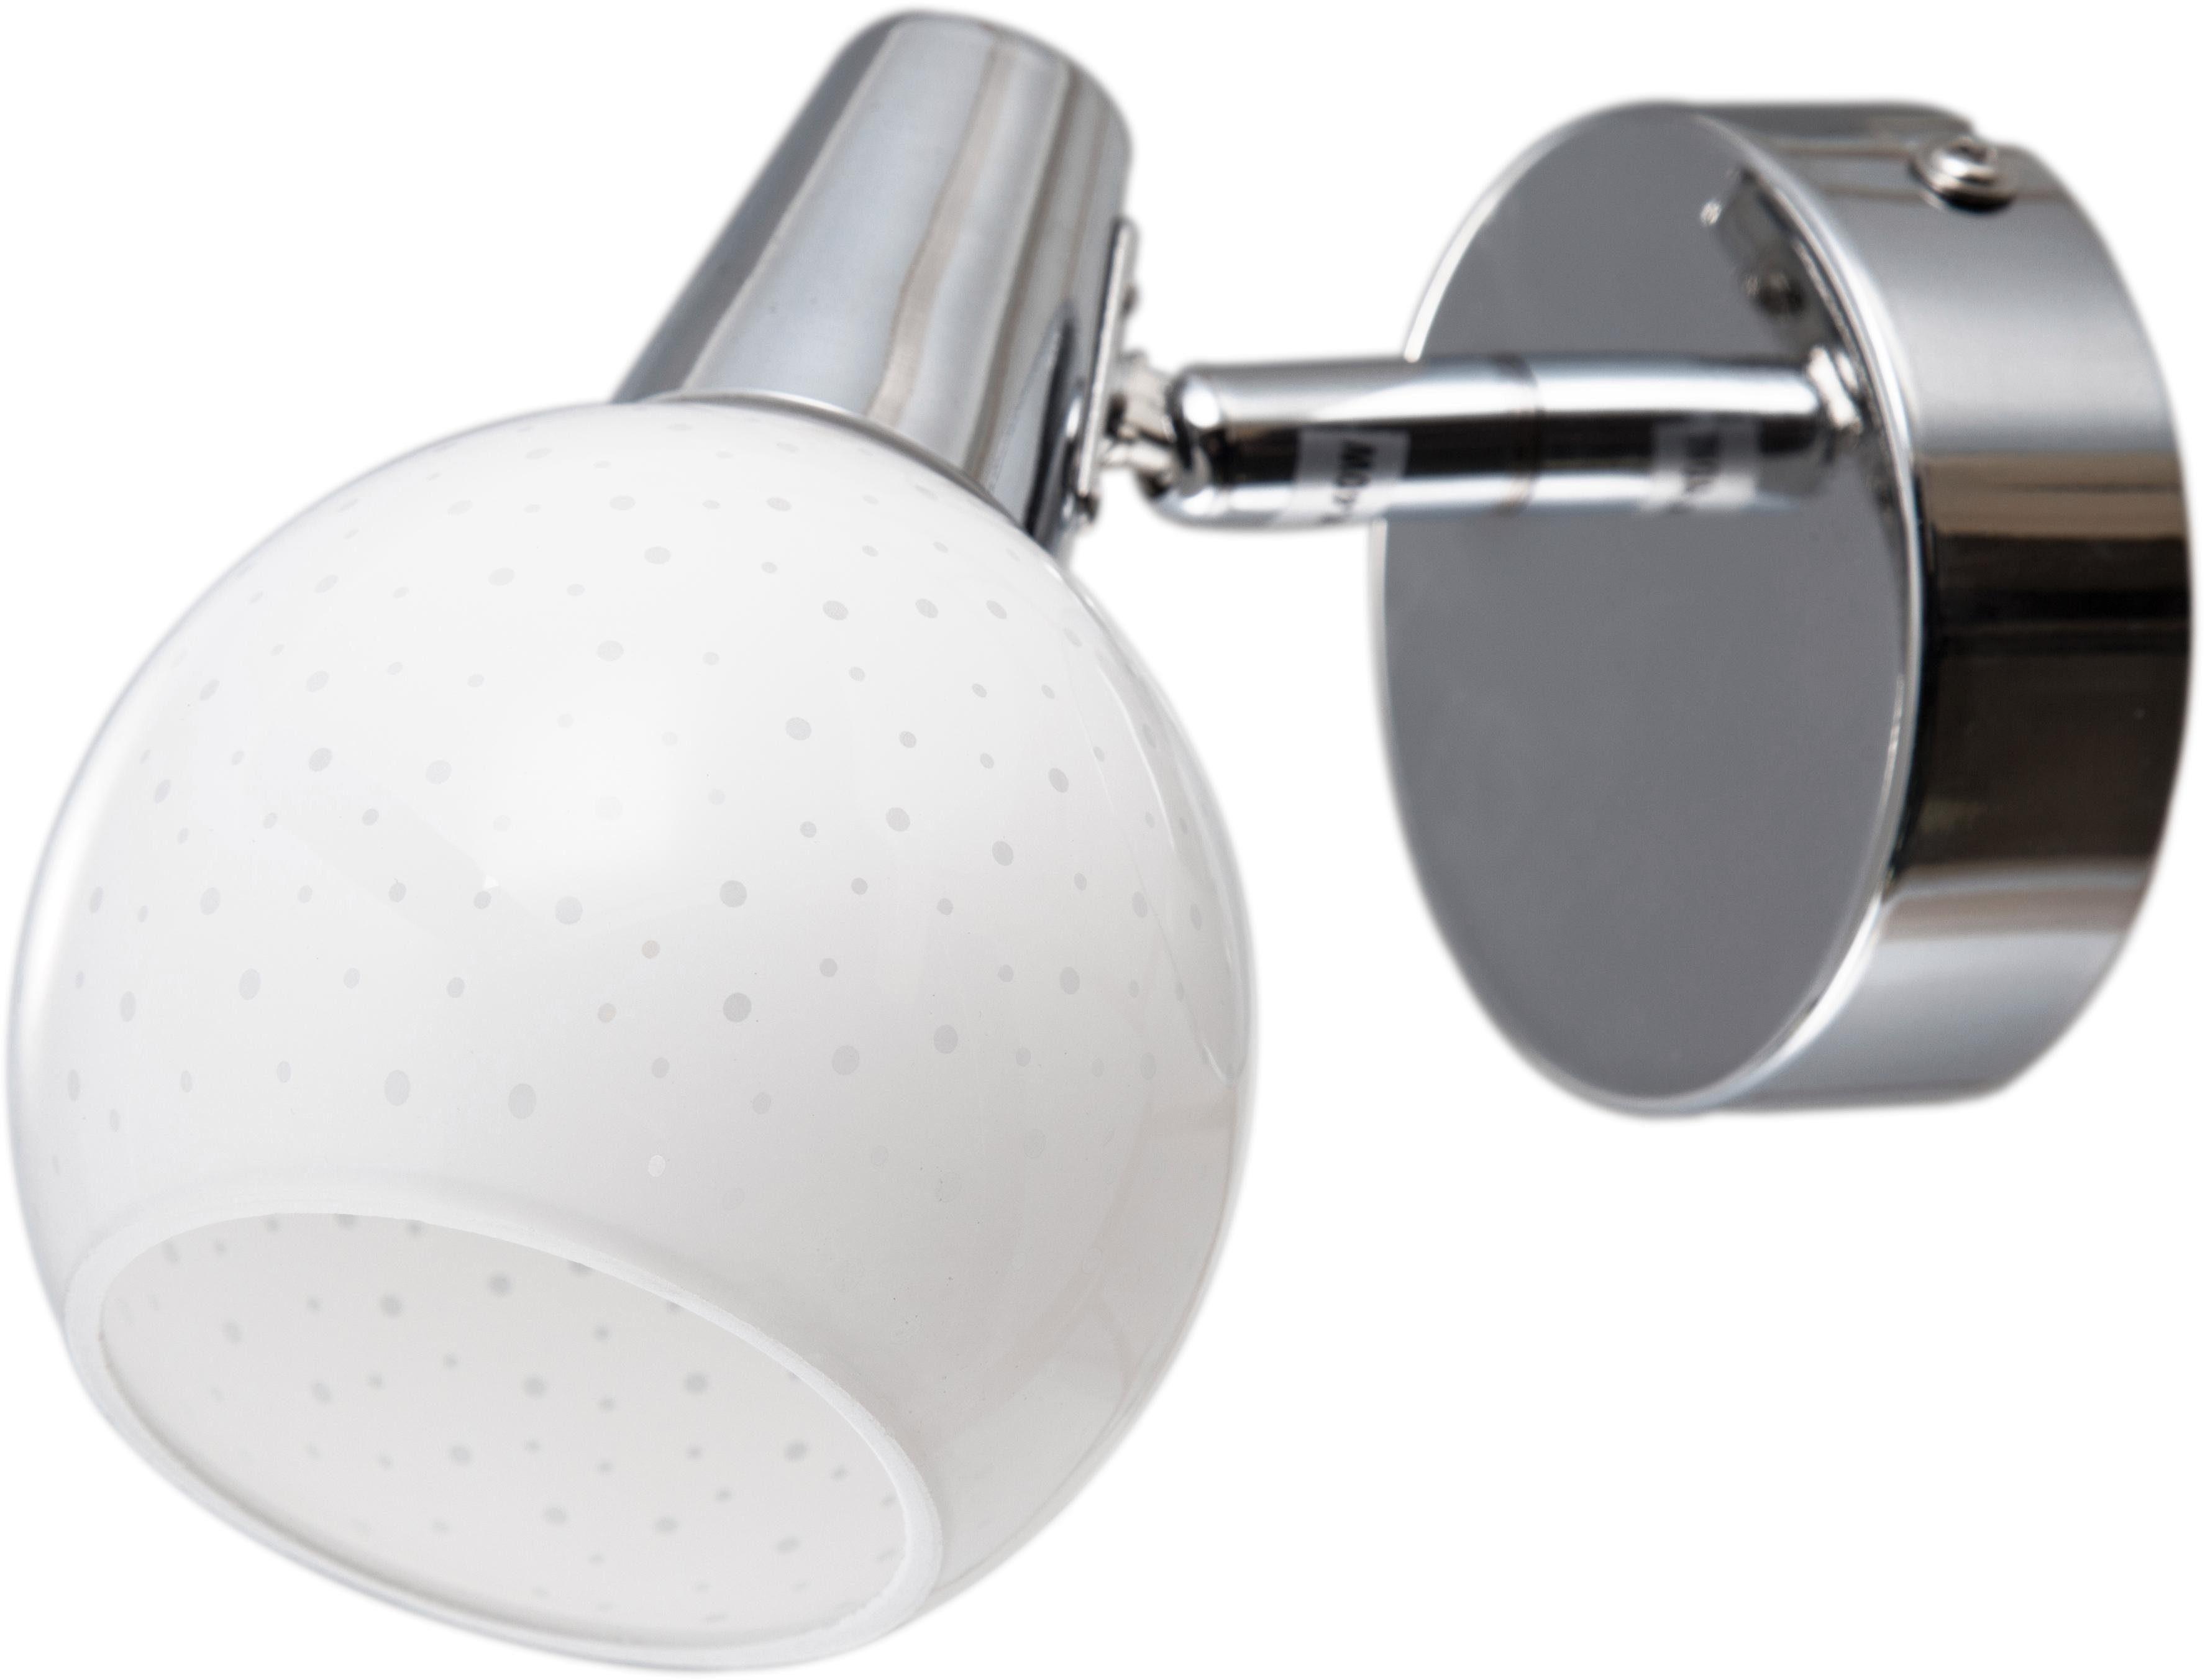 Nino Leuchten LED Deckenstrahler »DOXY«, 1-flammig